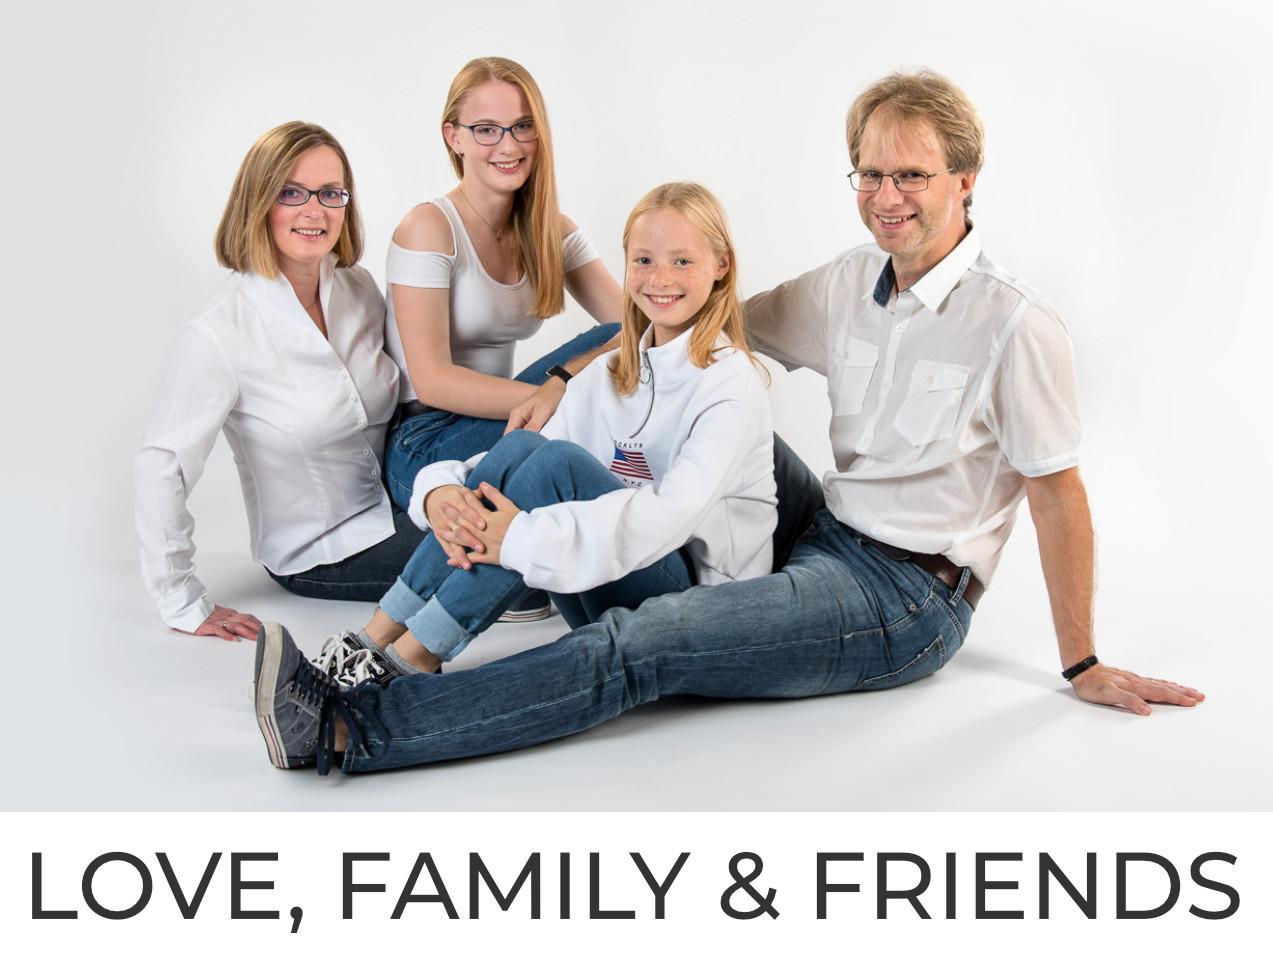 Familienfoto mit Jeans und weißen Hemden